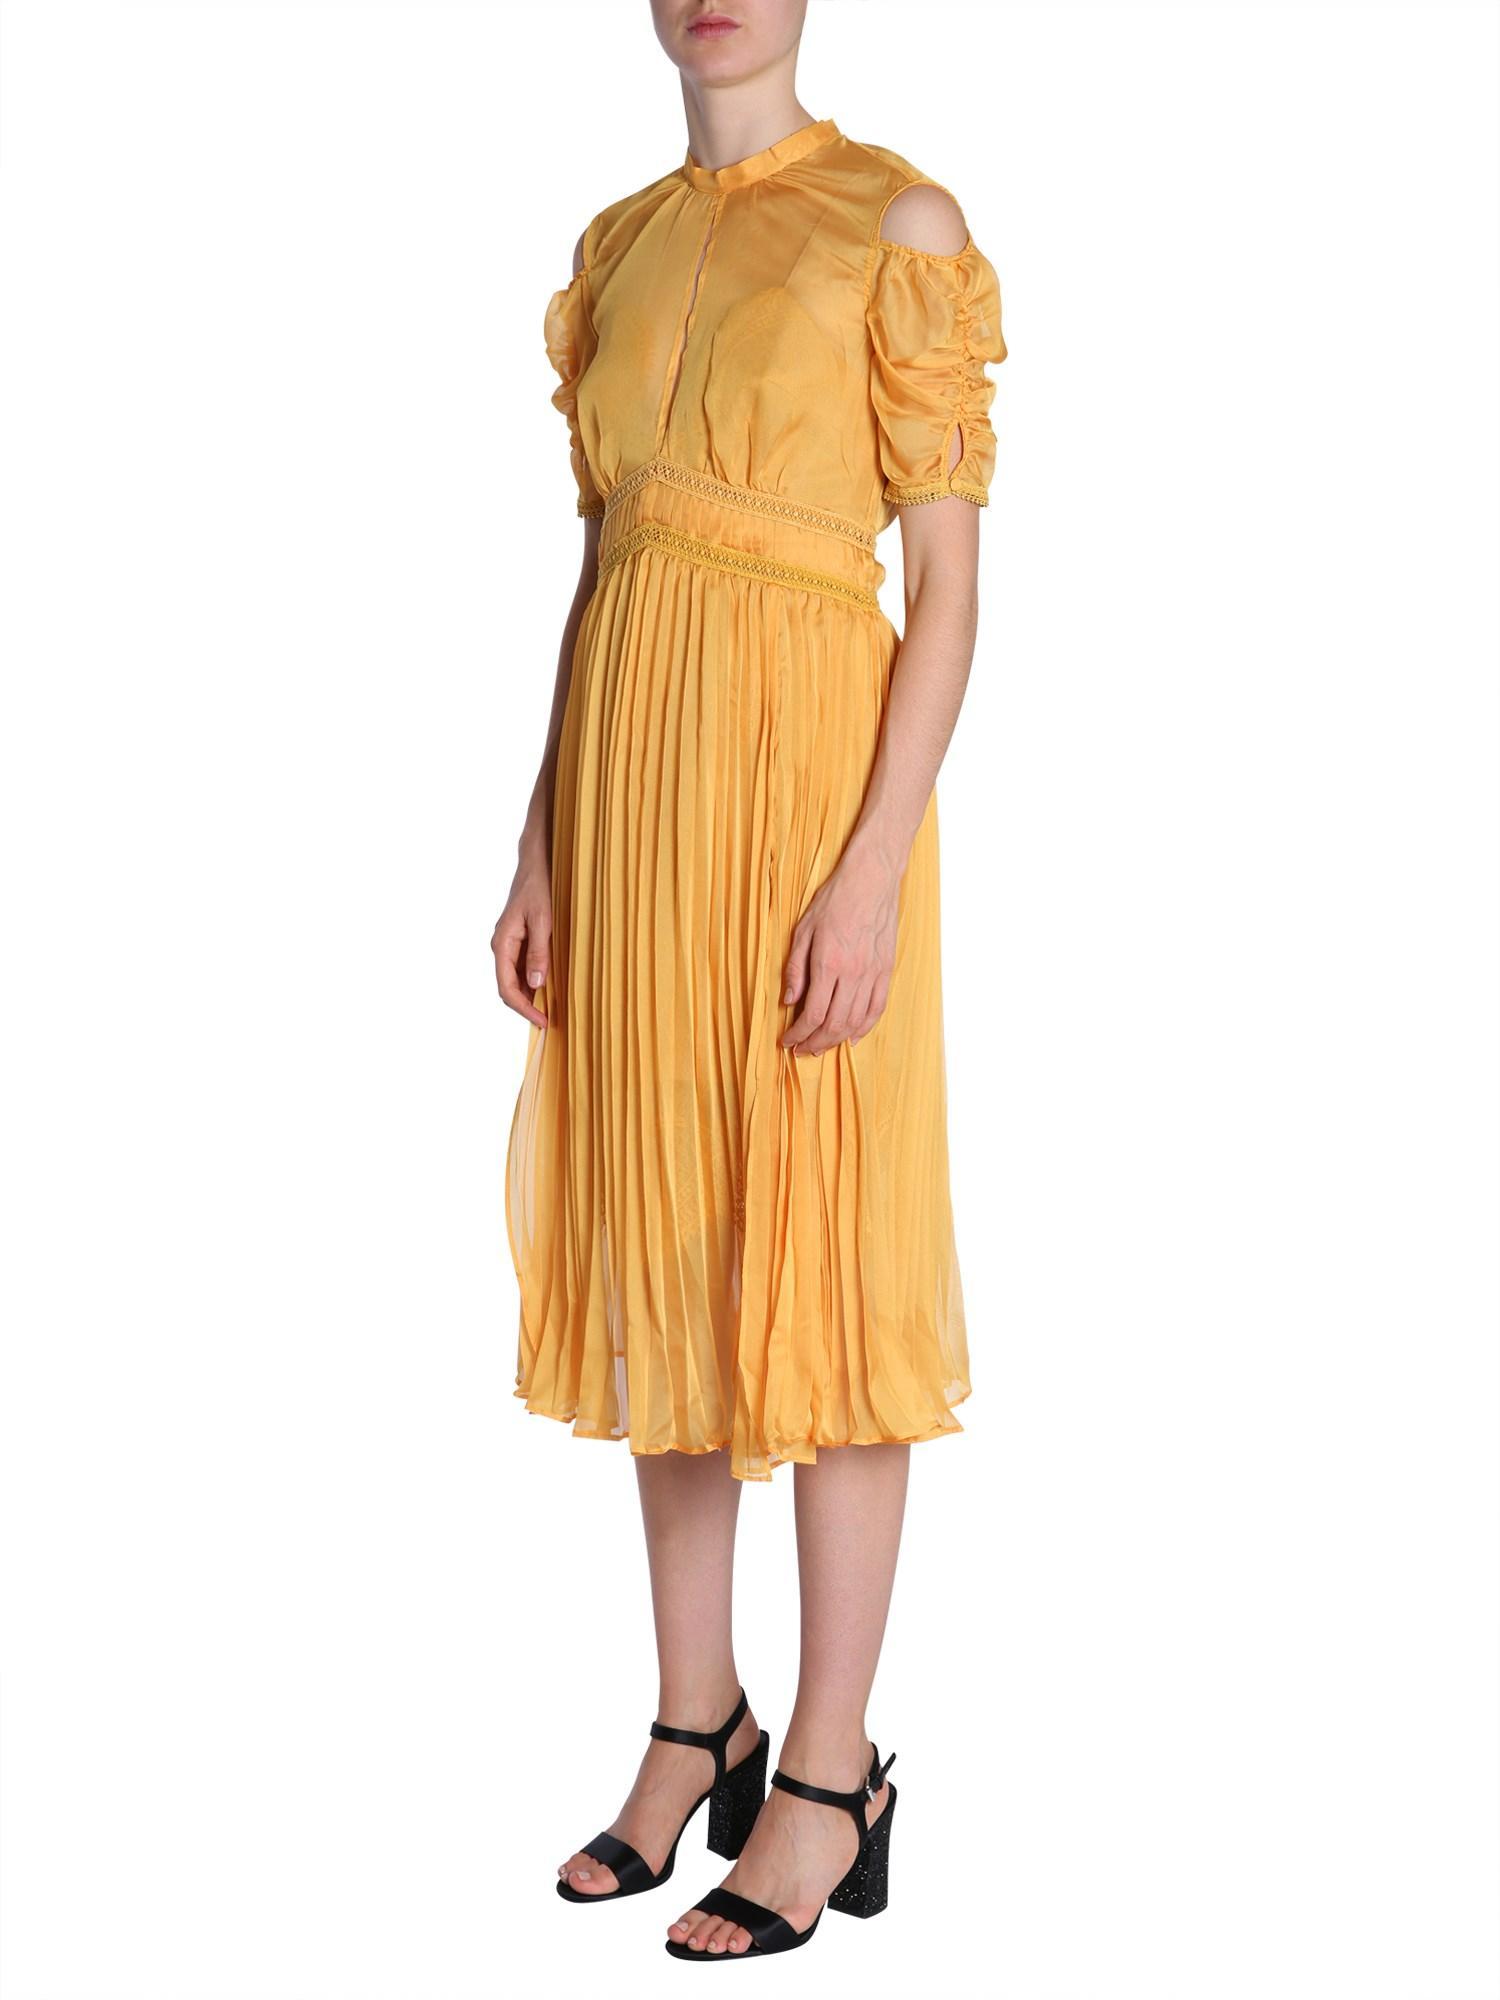 b4dfcb3f0924 Self-Portrait Pleated Chiffon Midi Dress in Yellow - Save 36% - Lyst